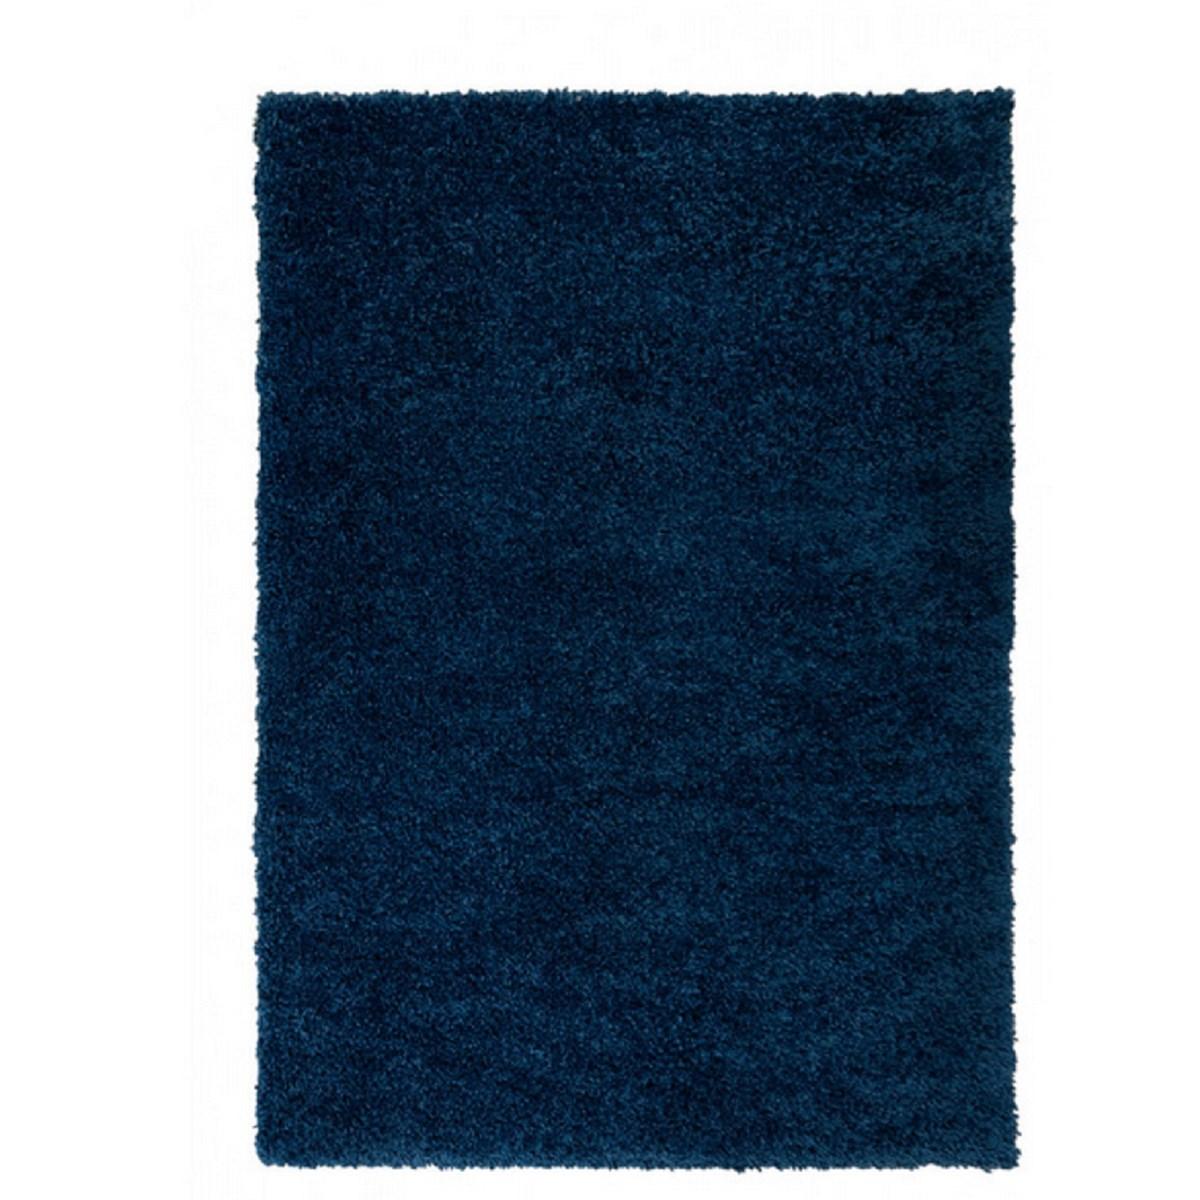 Tapis shaggy en Polypropylène Bleu 160x230 cm